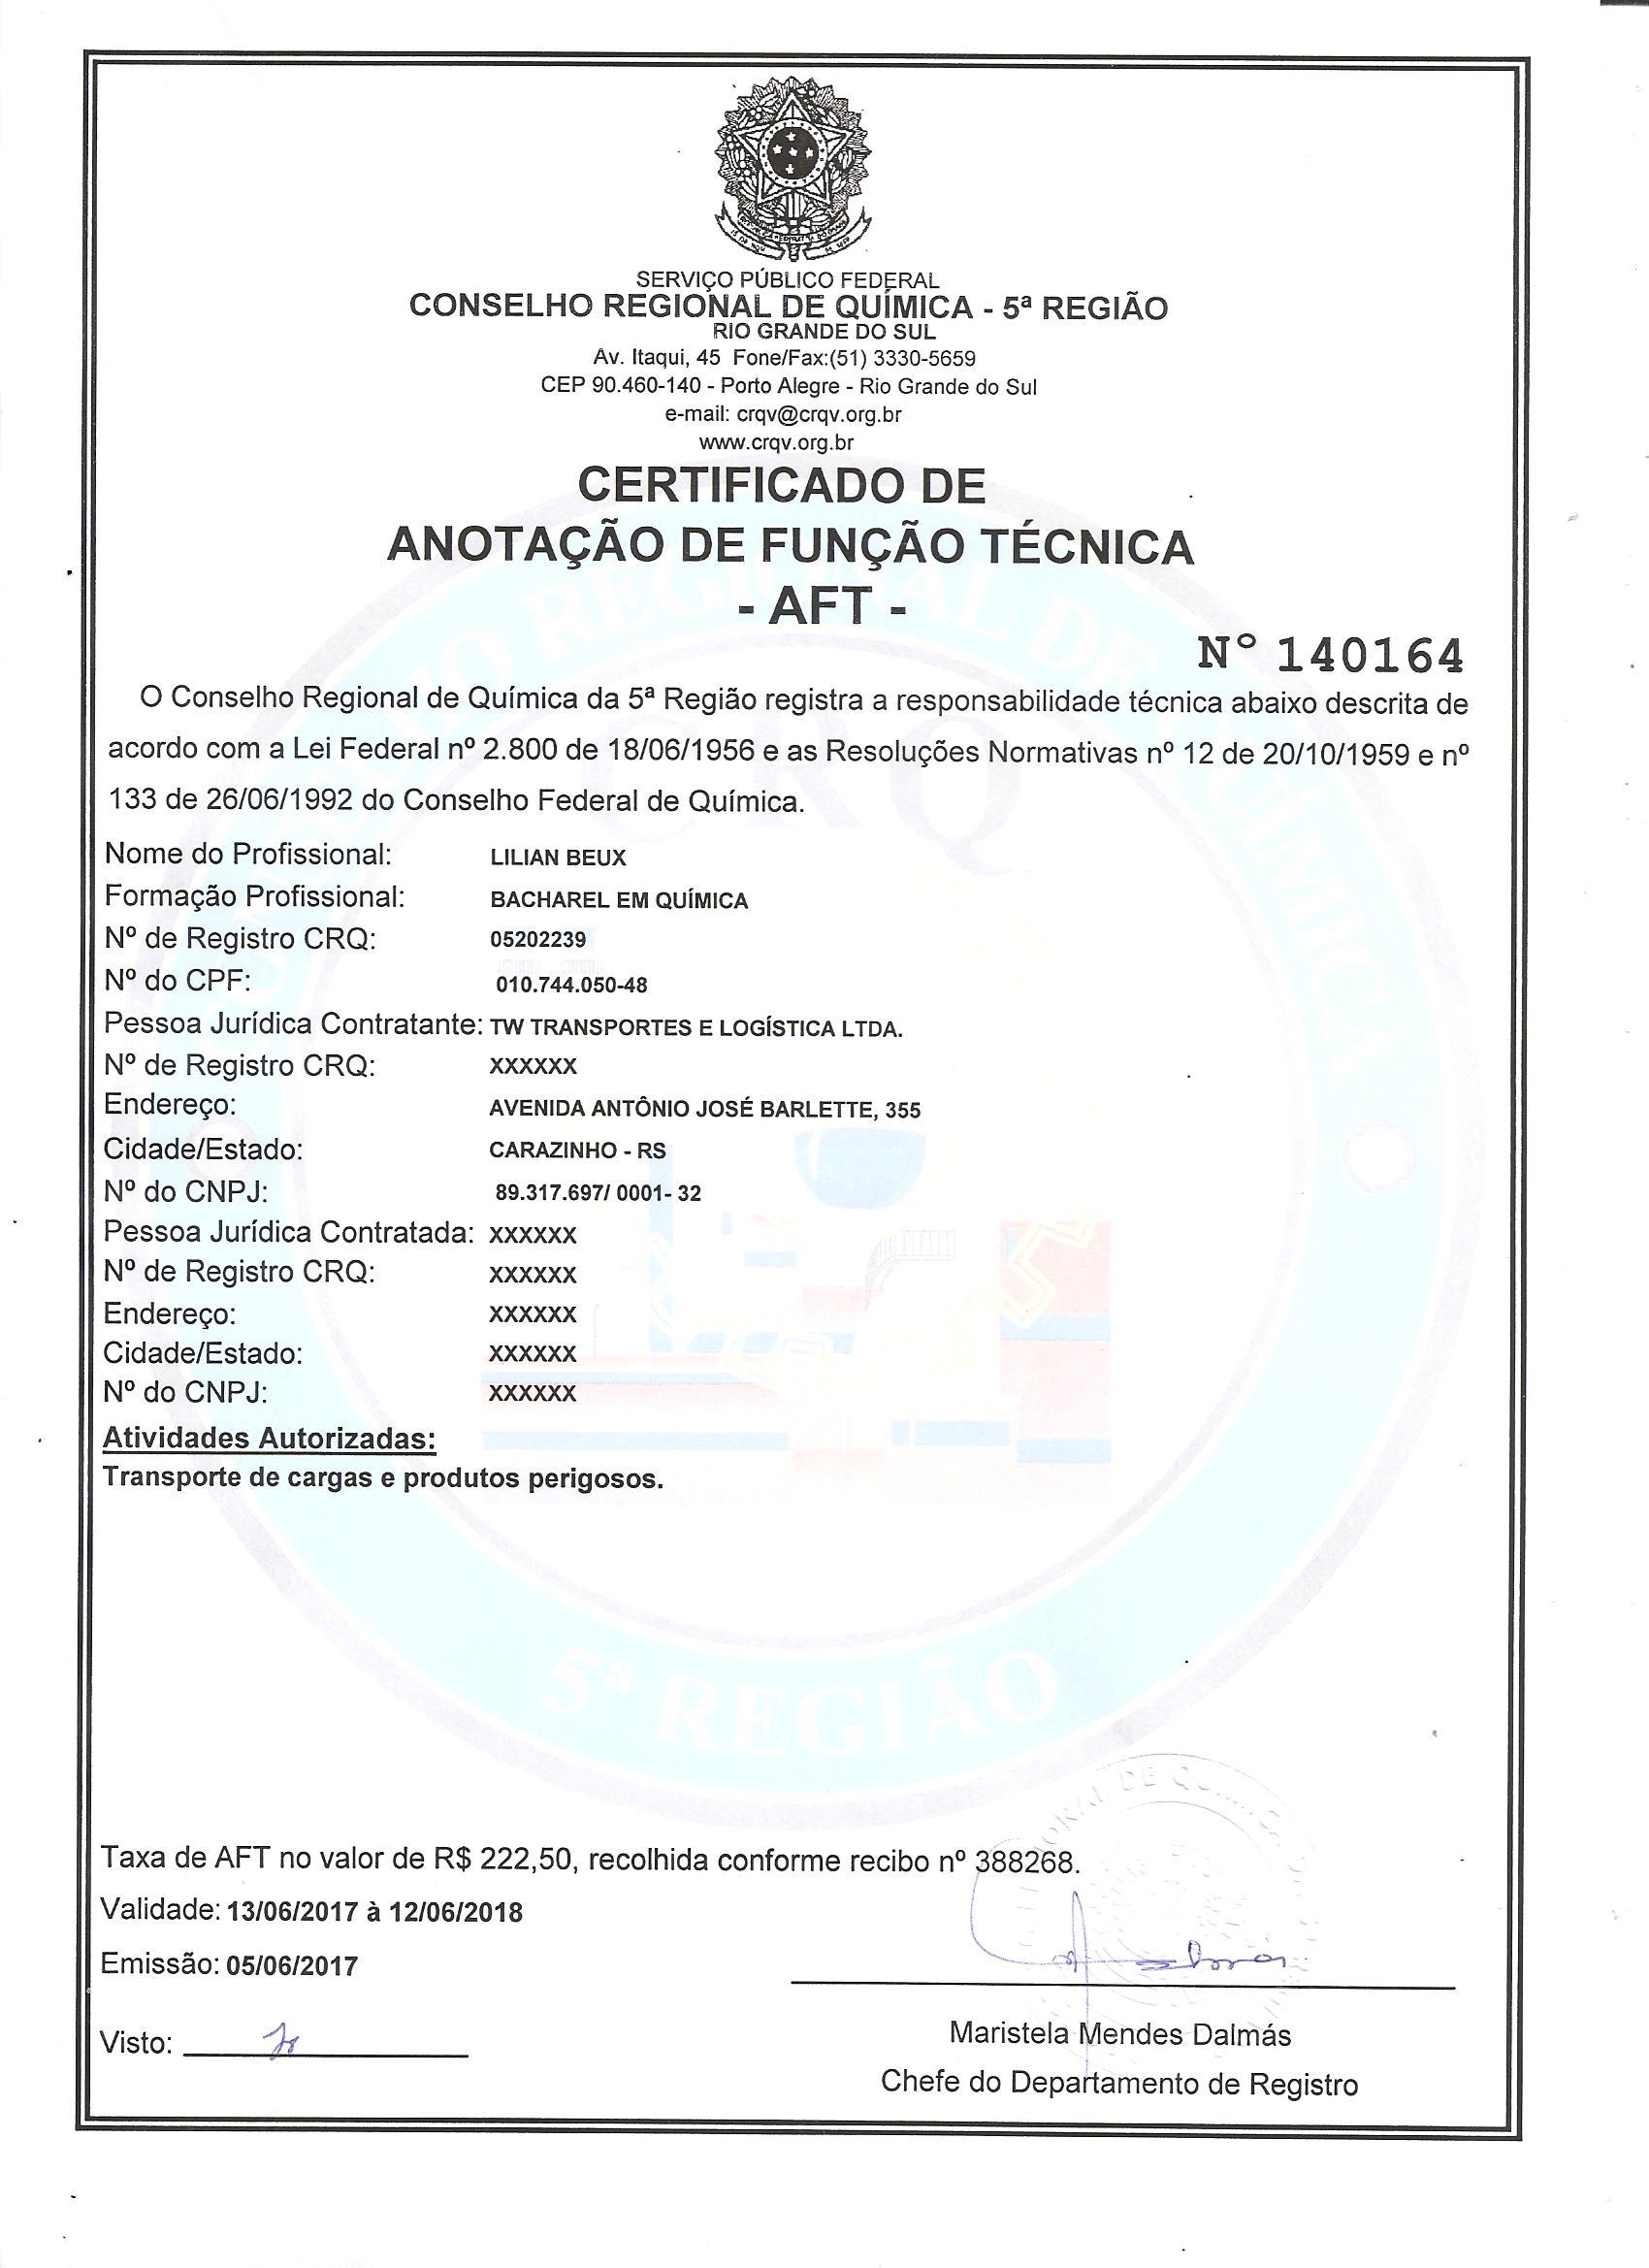 AFT Lilian (química) - MTZ